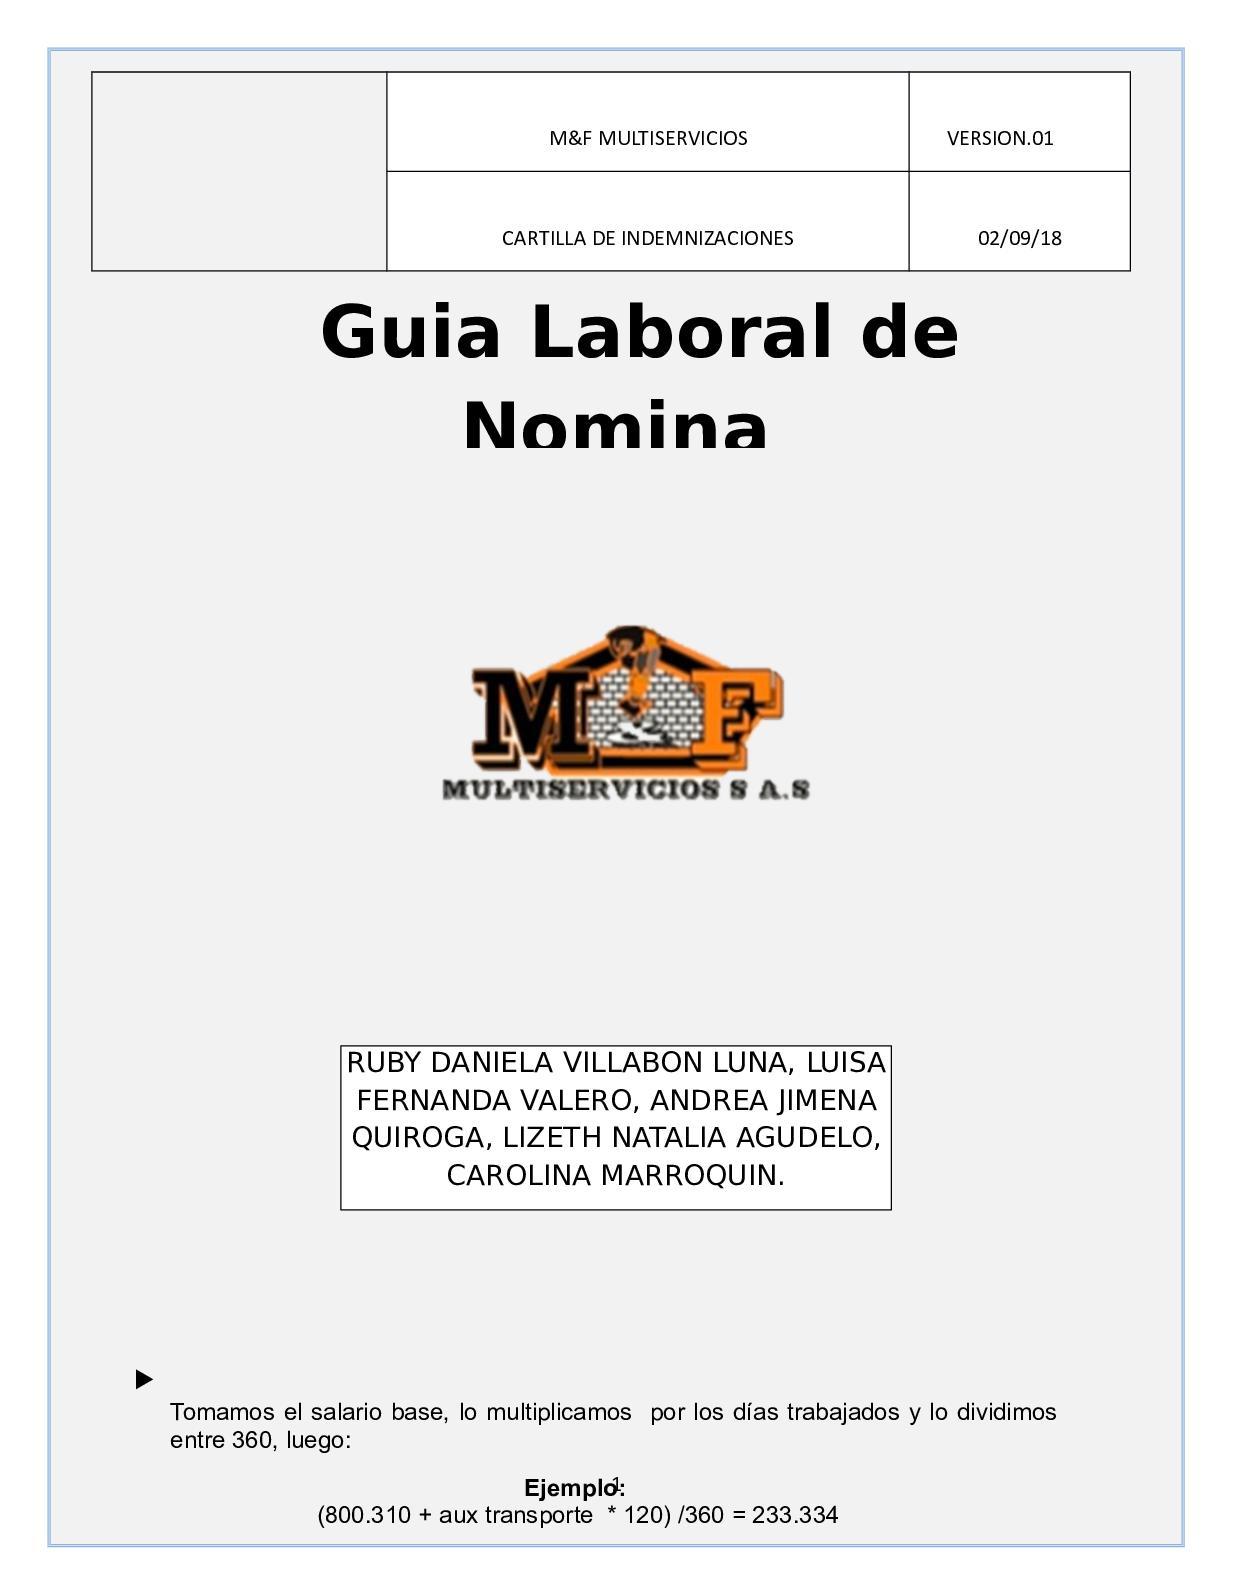 Cartilla Nomina